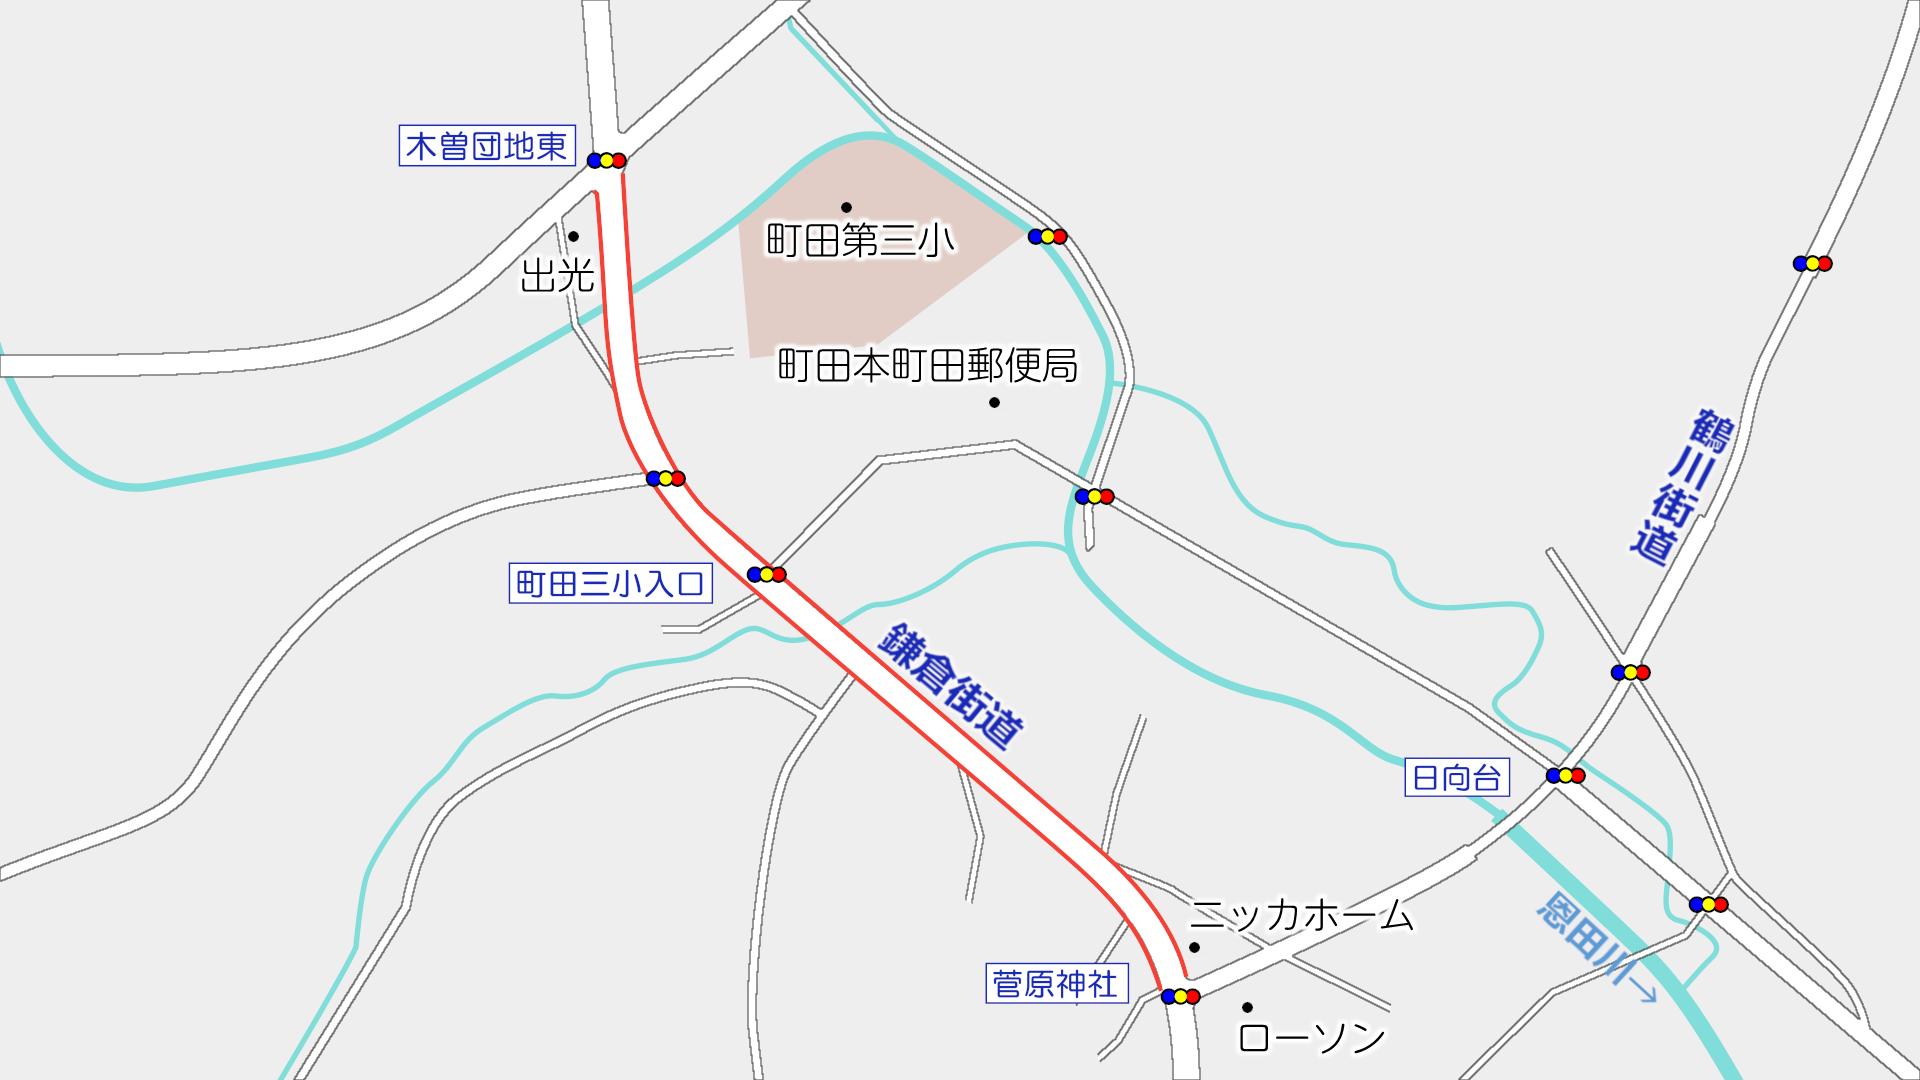 鎌倉 街道